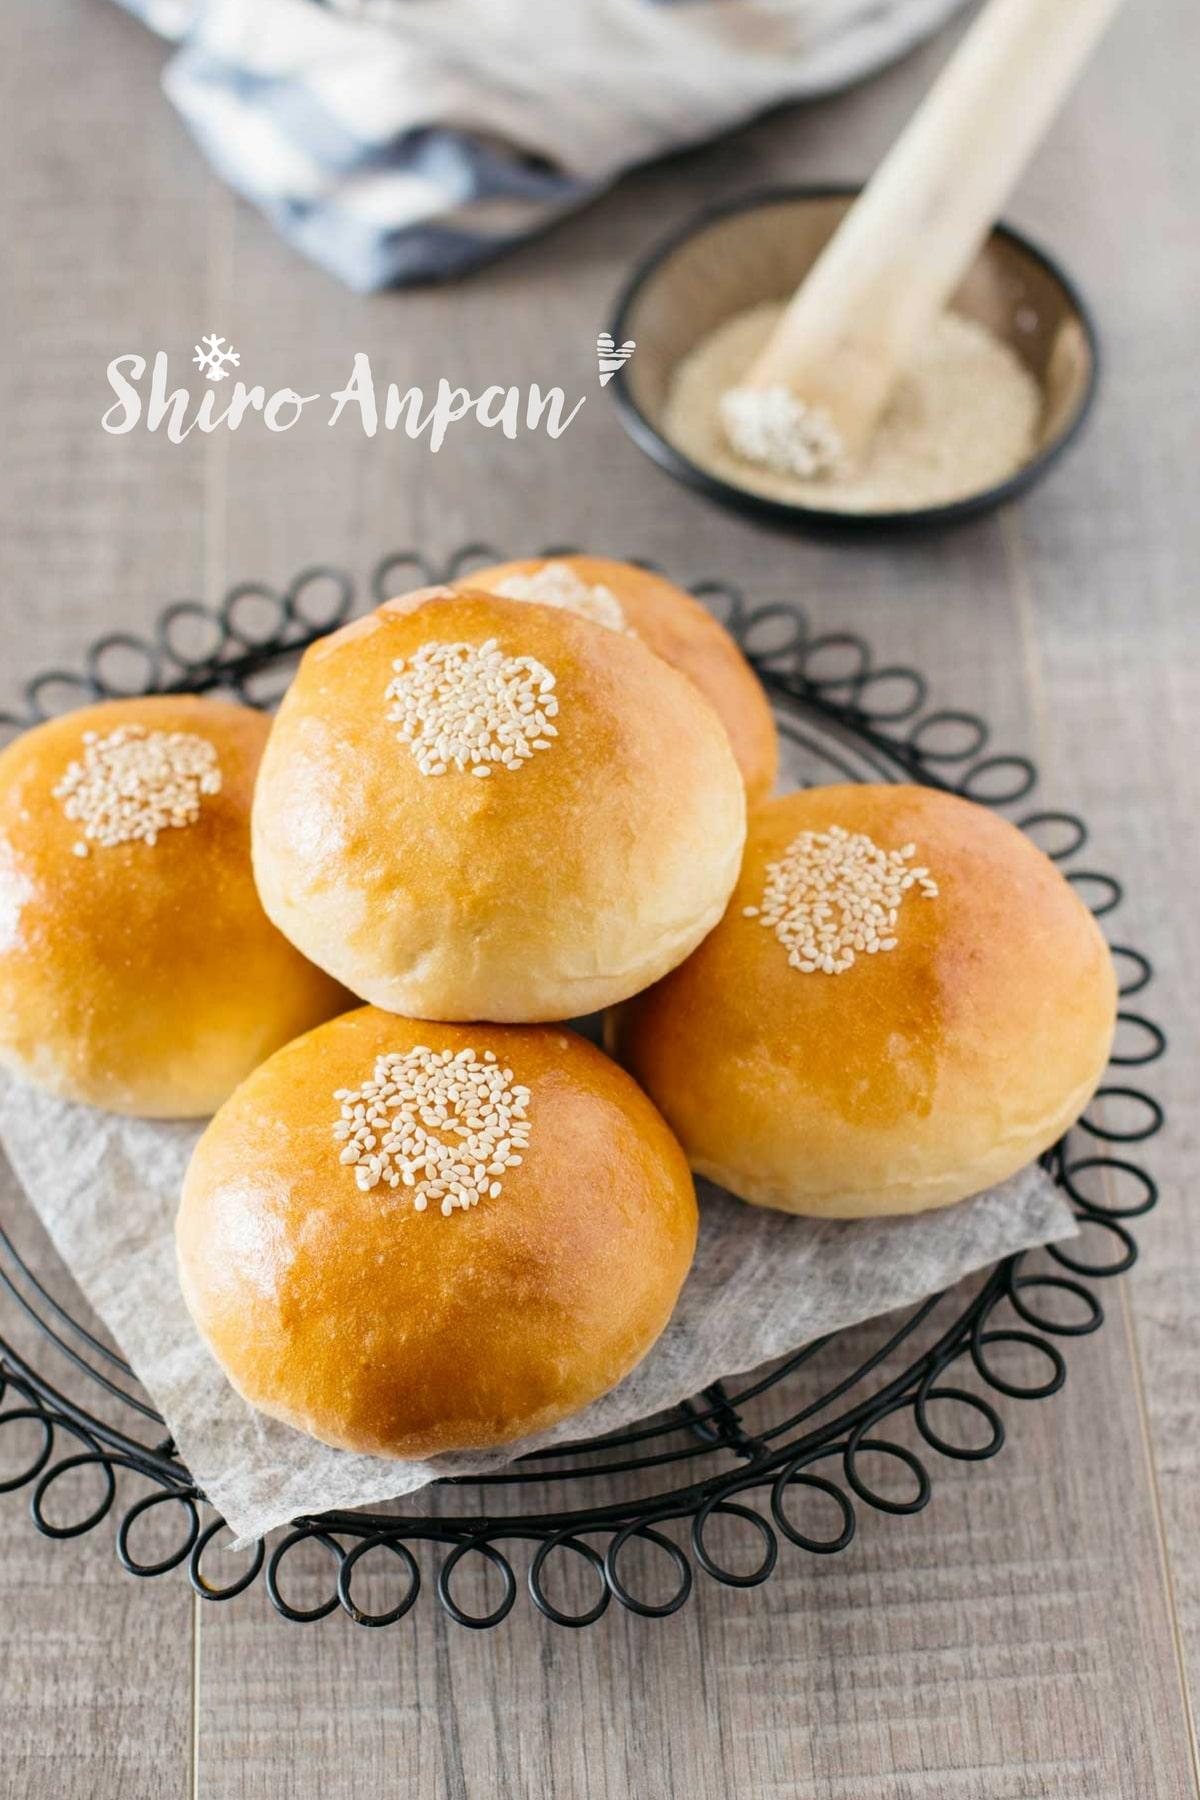 Anpan with sweet white bean paste